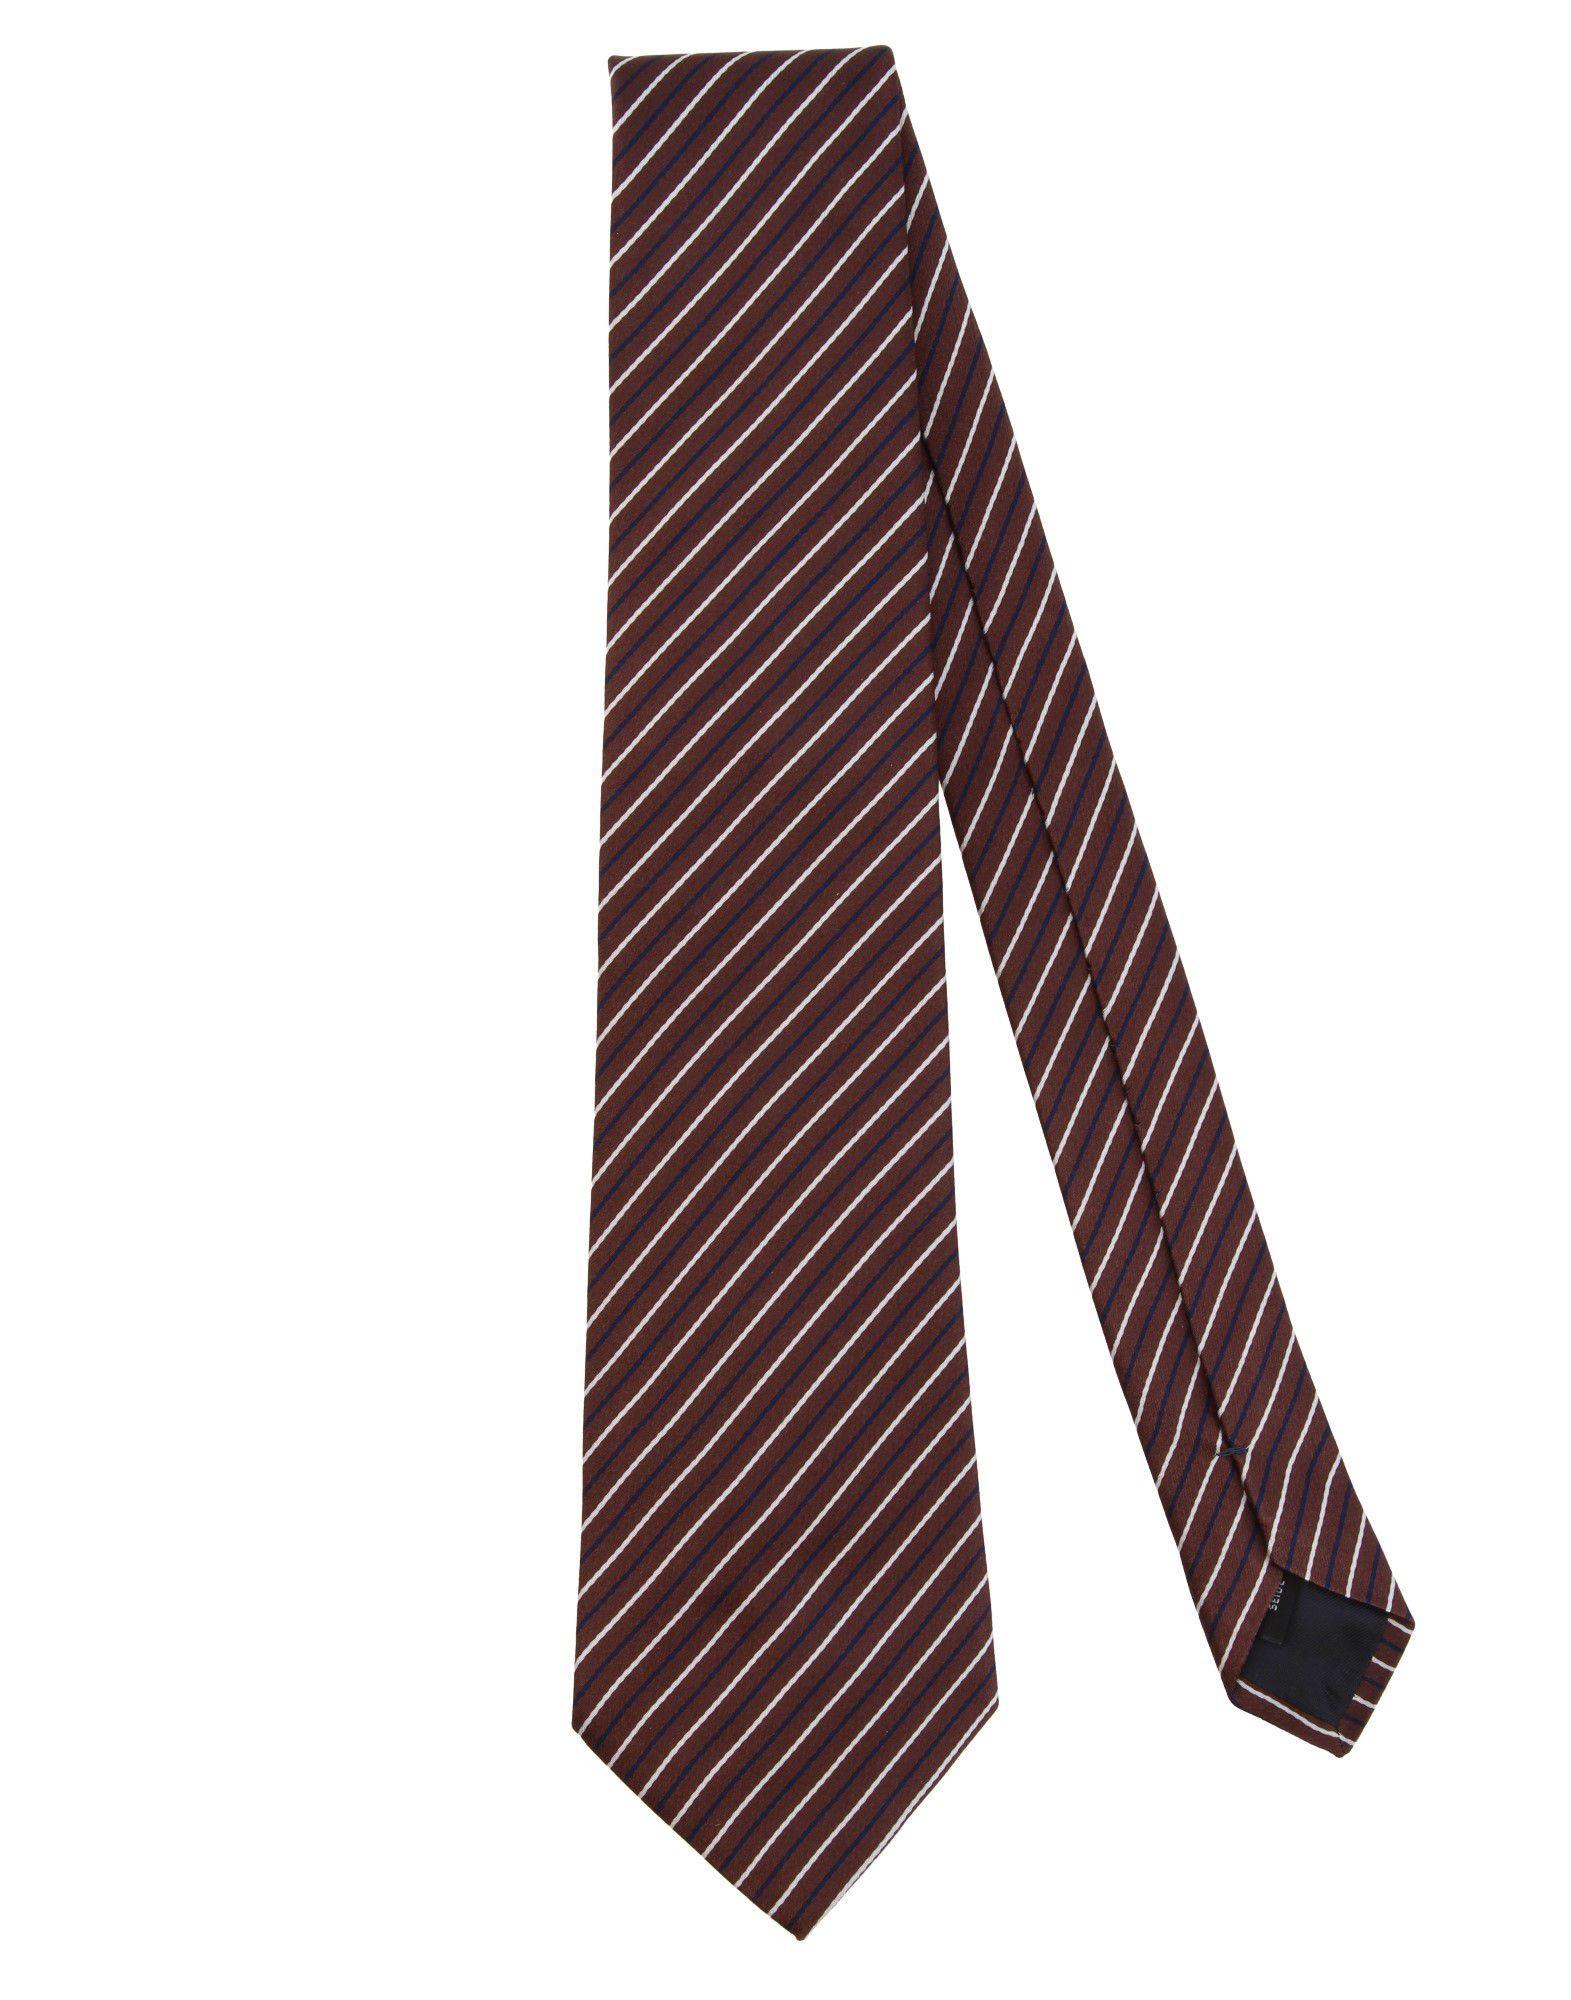 ФОТО les copains галстук